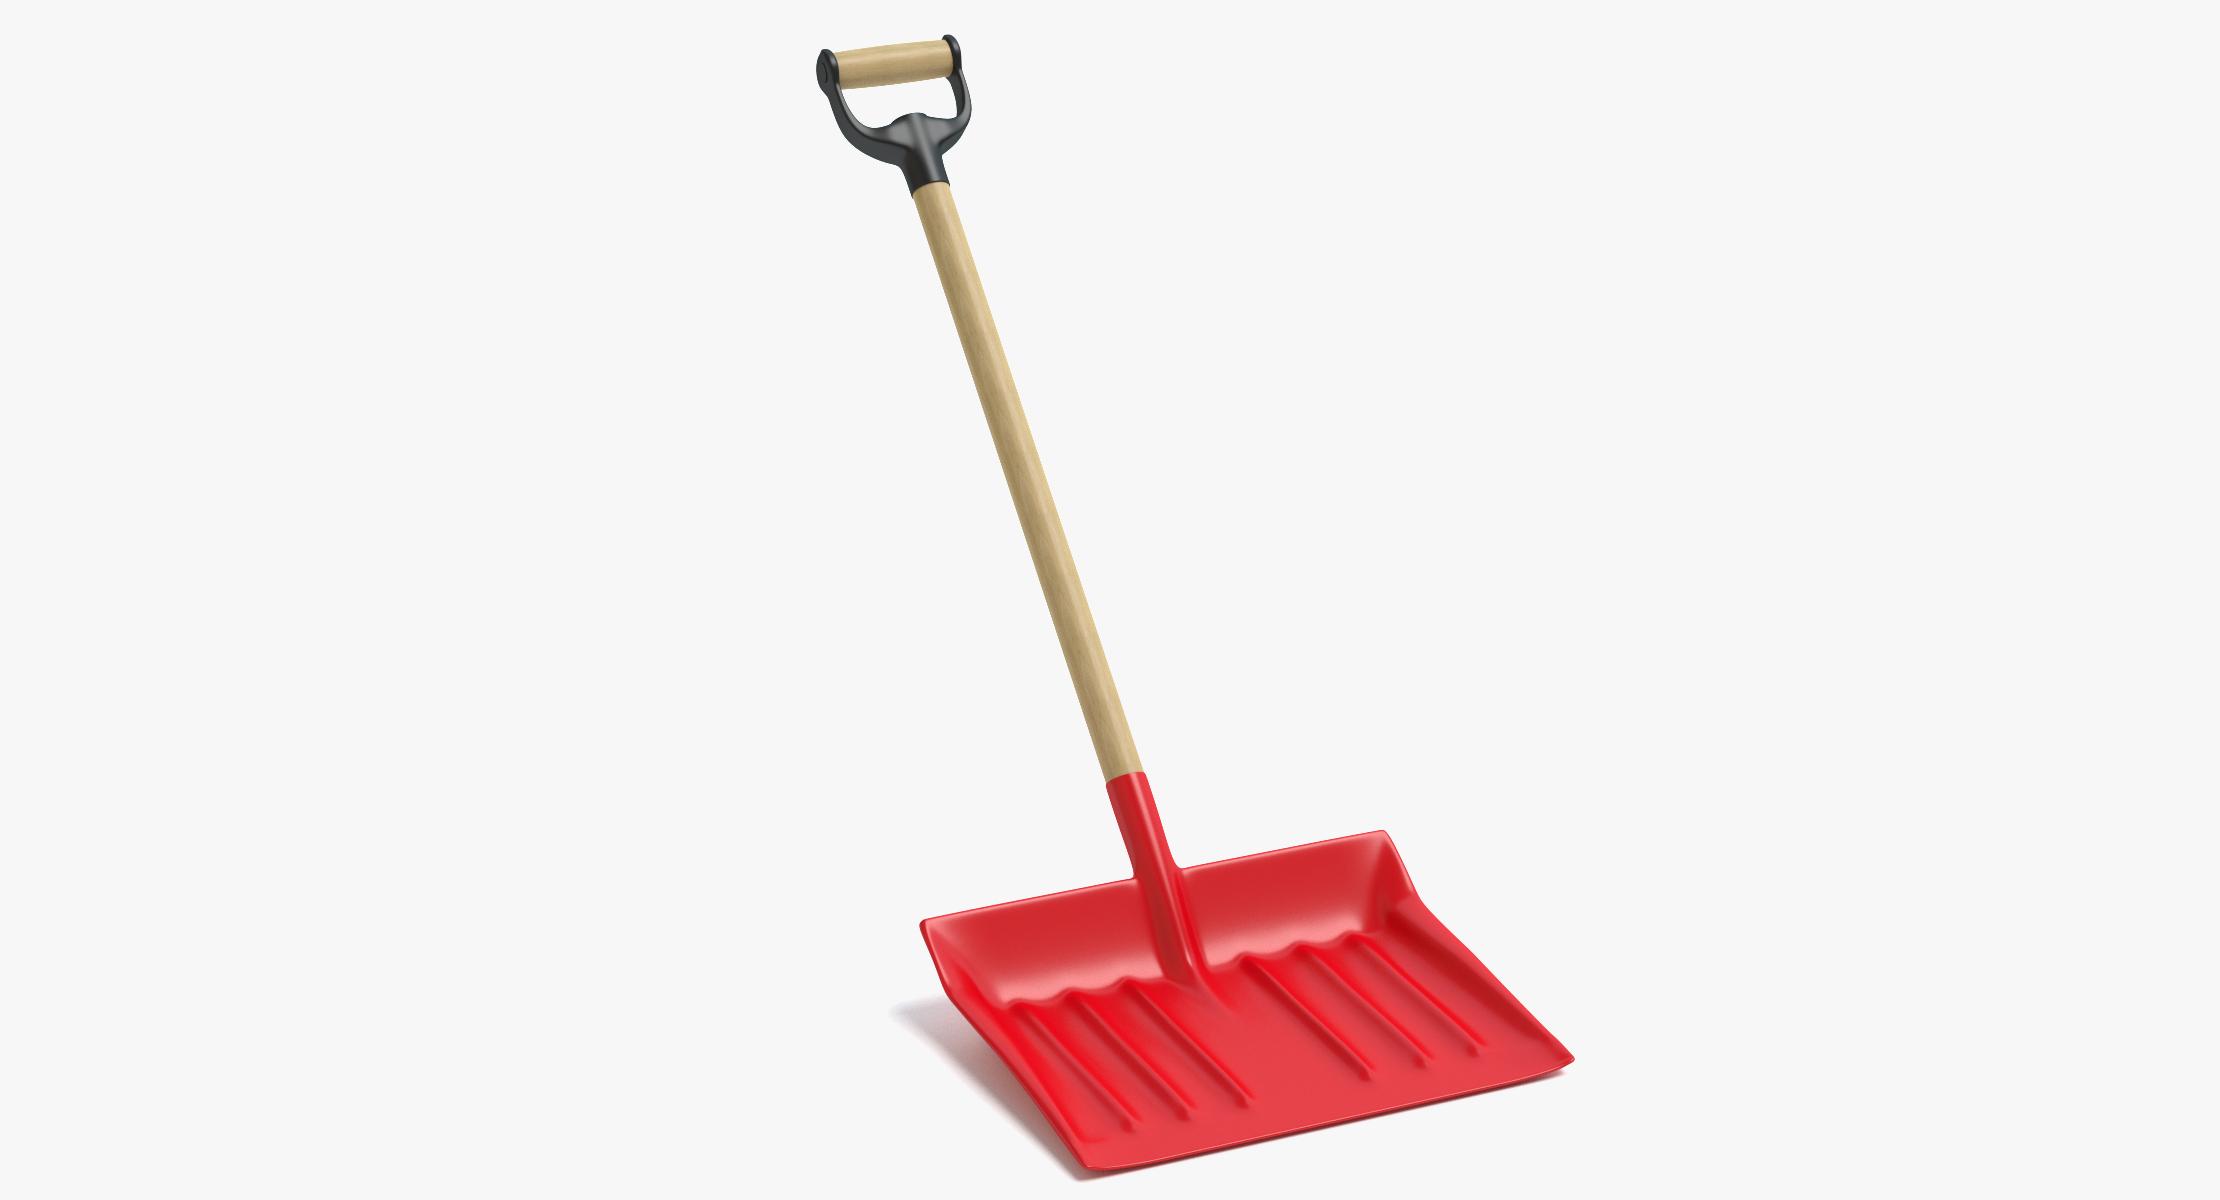 Возврат лопаты для чистки снега